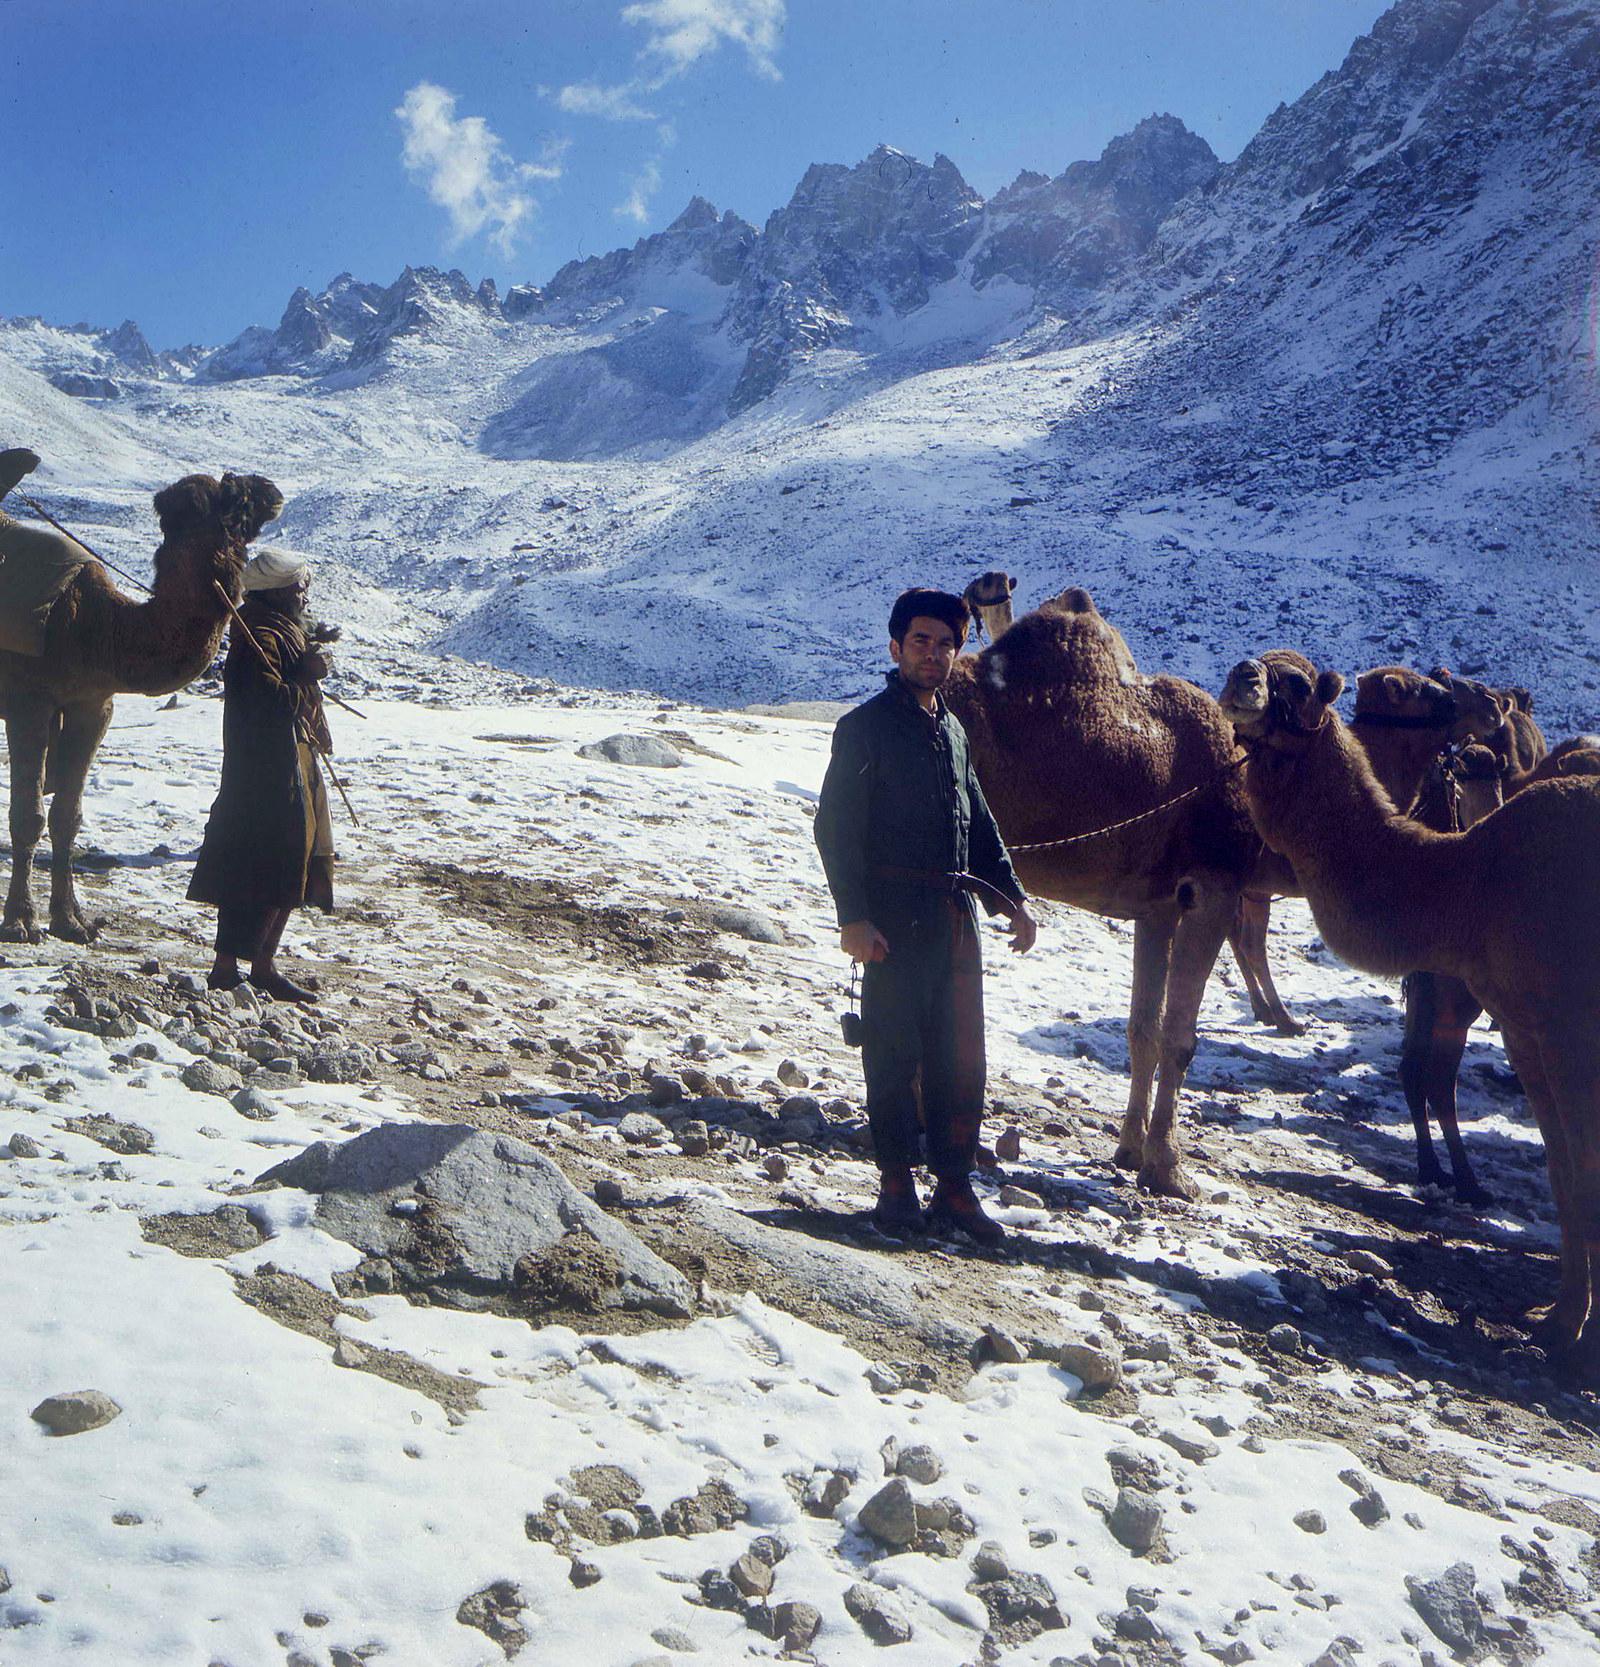 Караван мулов останавливается на привал в заснеженных горах Нуристана, 1970